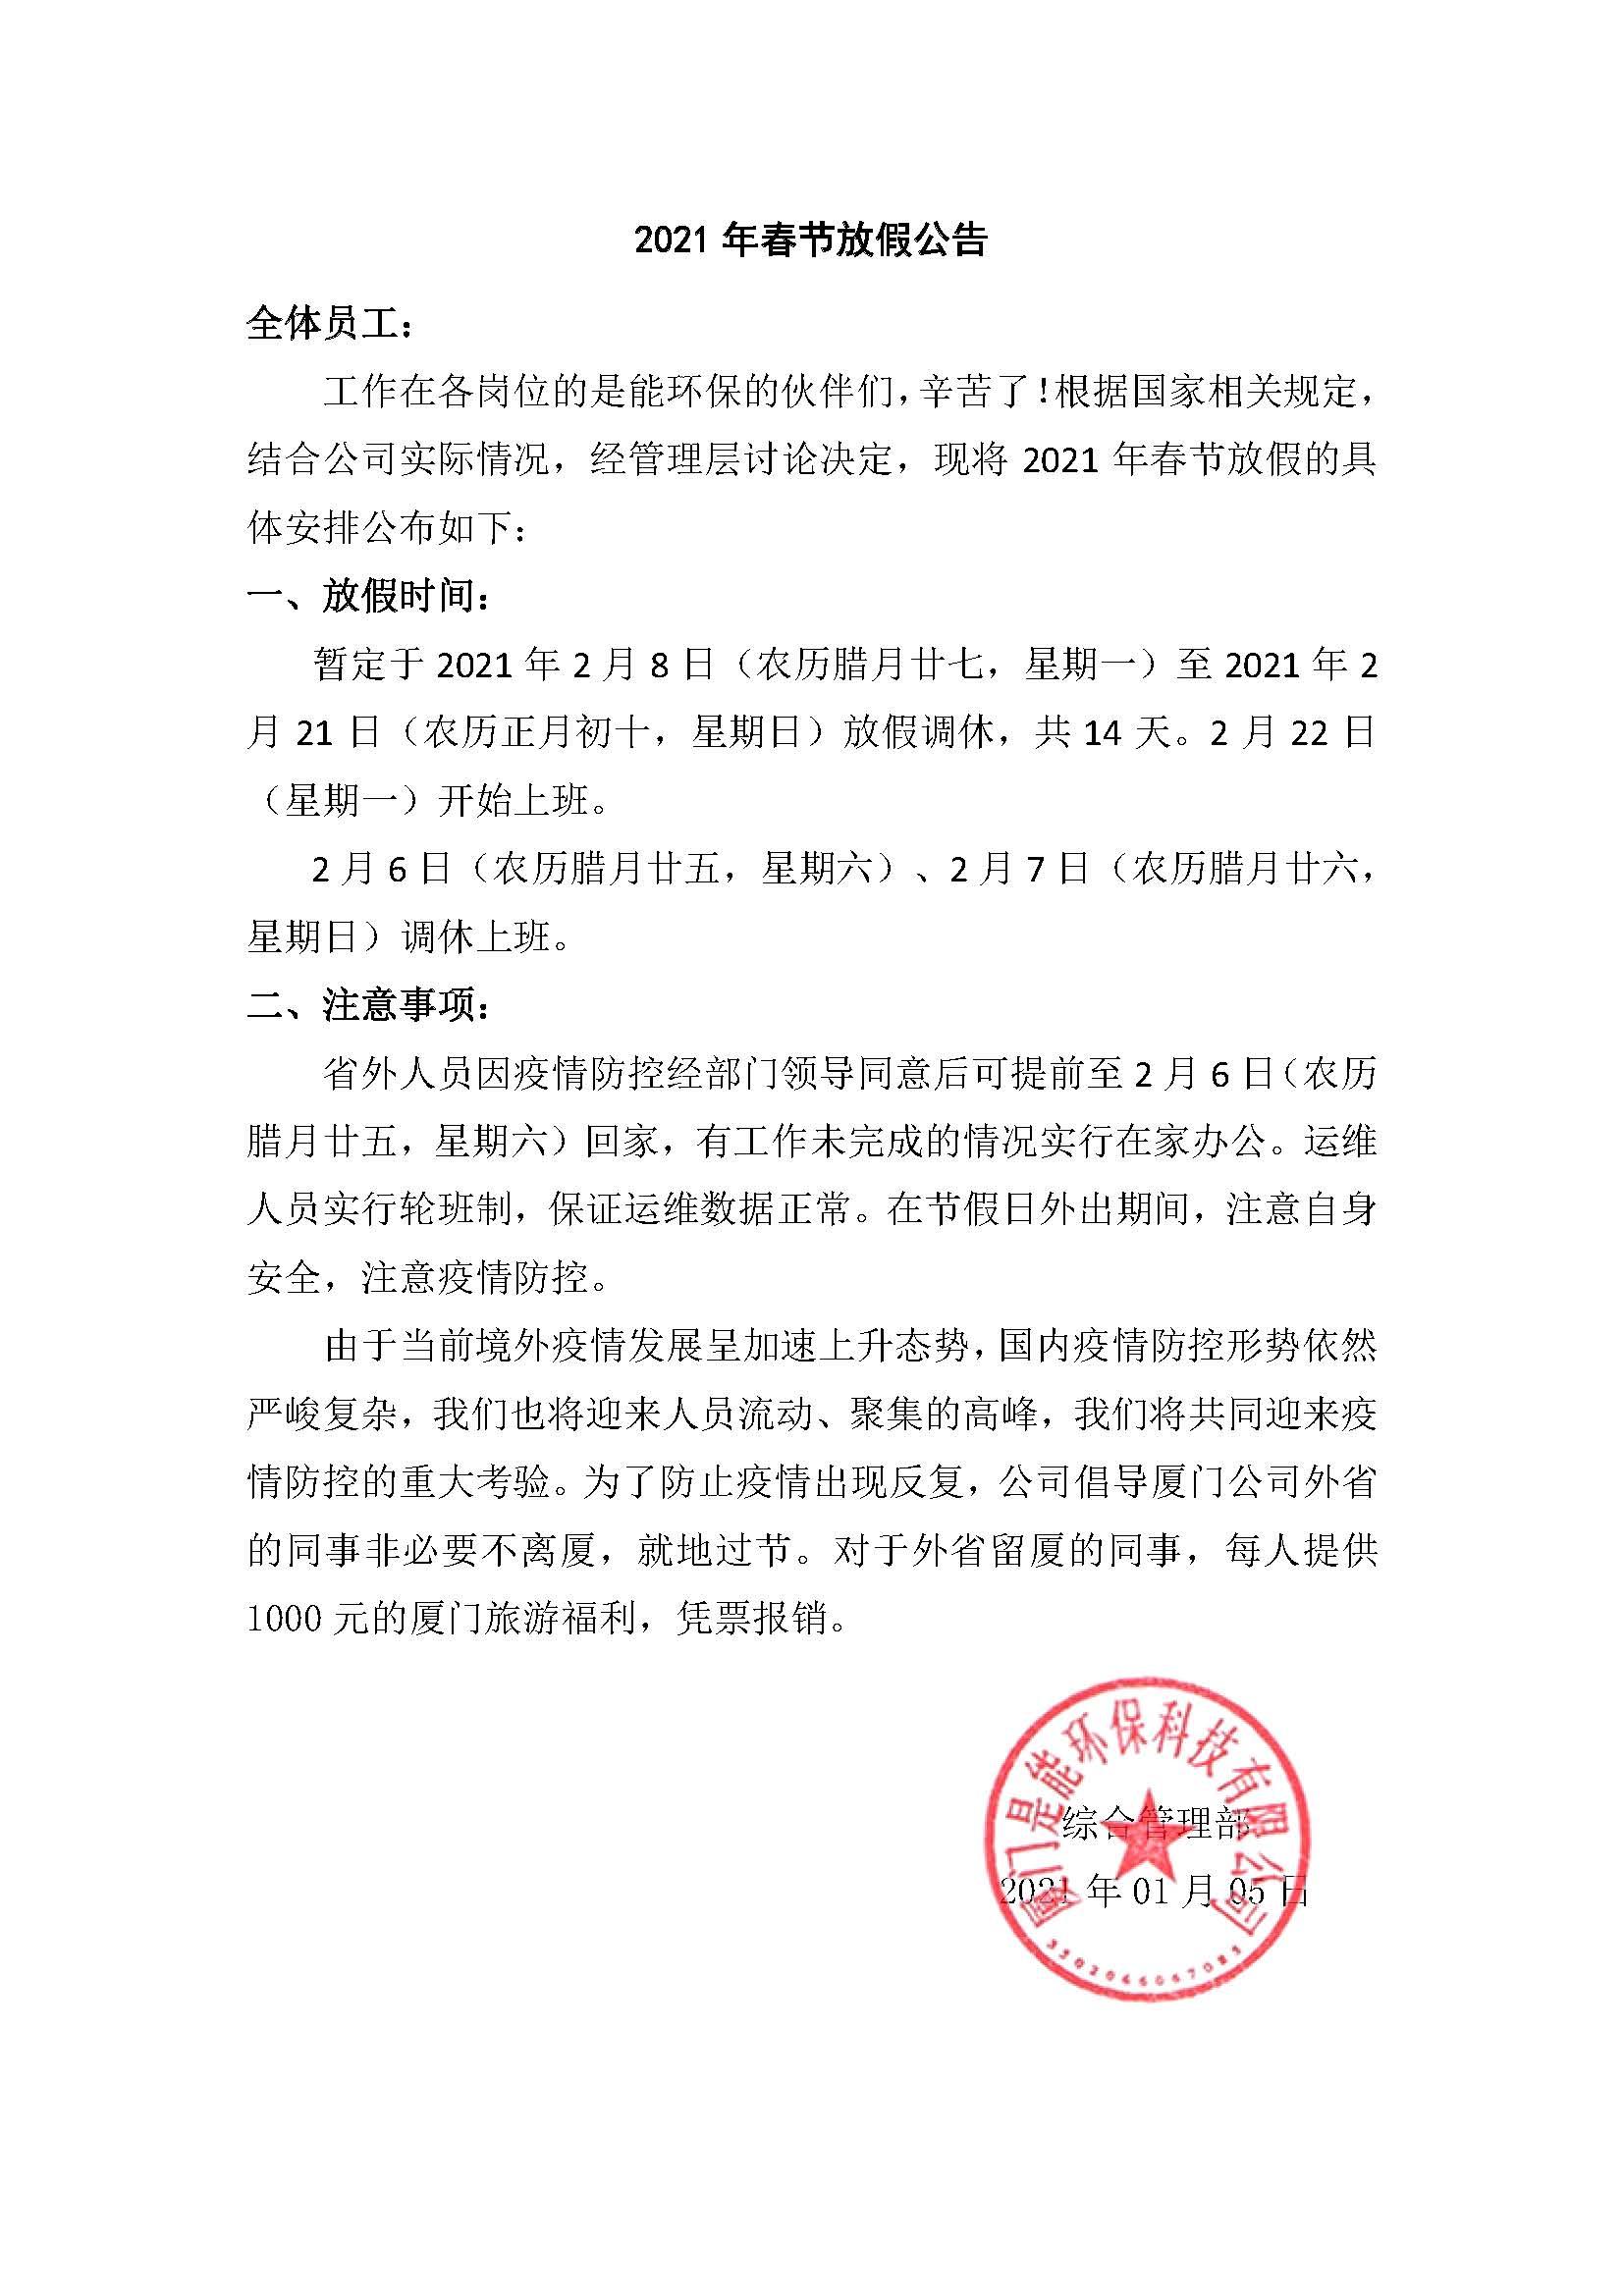 2021年春节放假公告